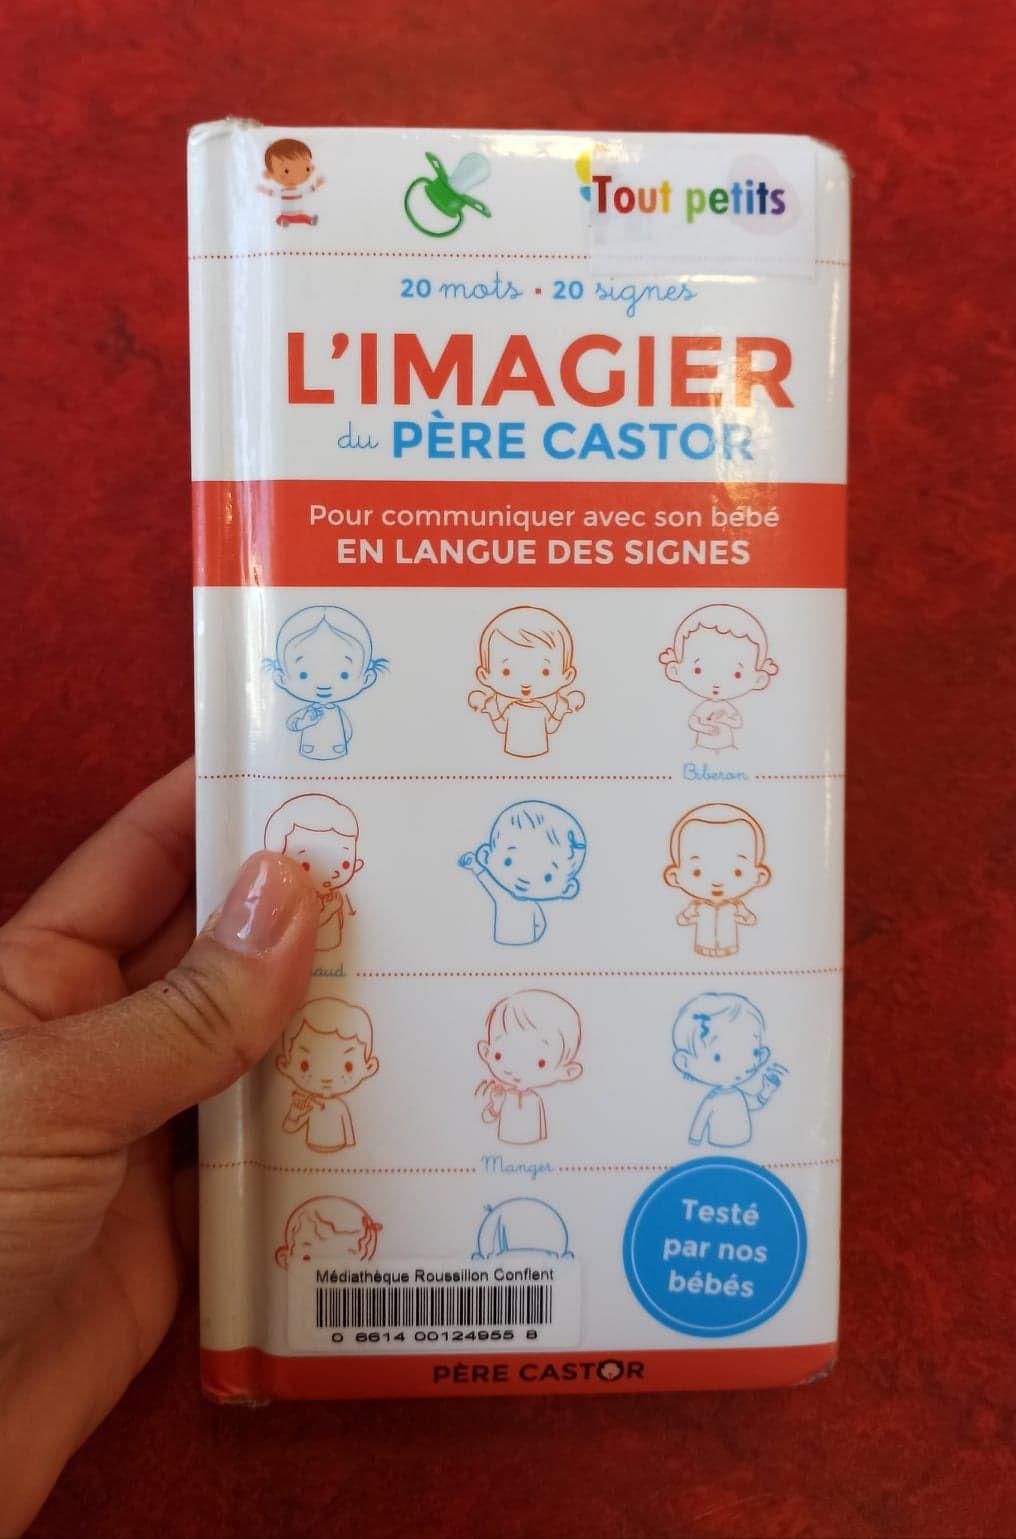 L'imagier du Père Castor en langue des signes: 20 mots - 20 signes